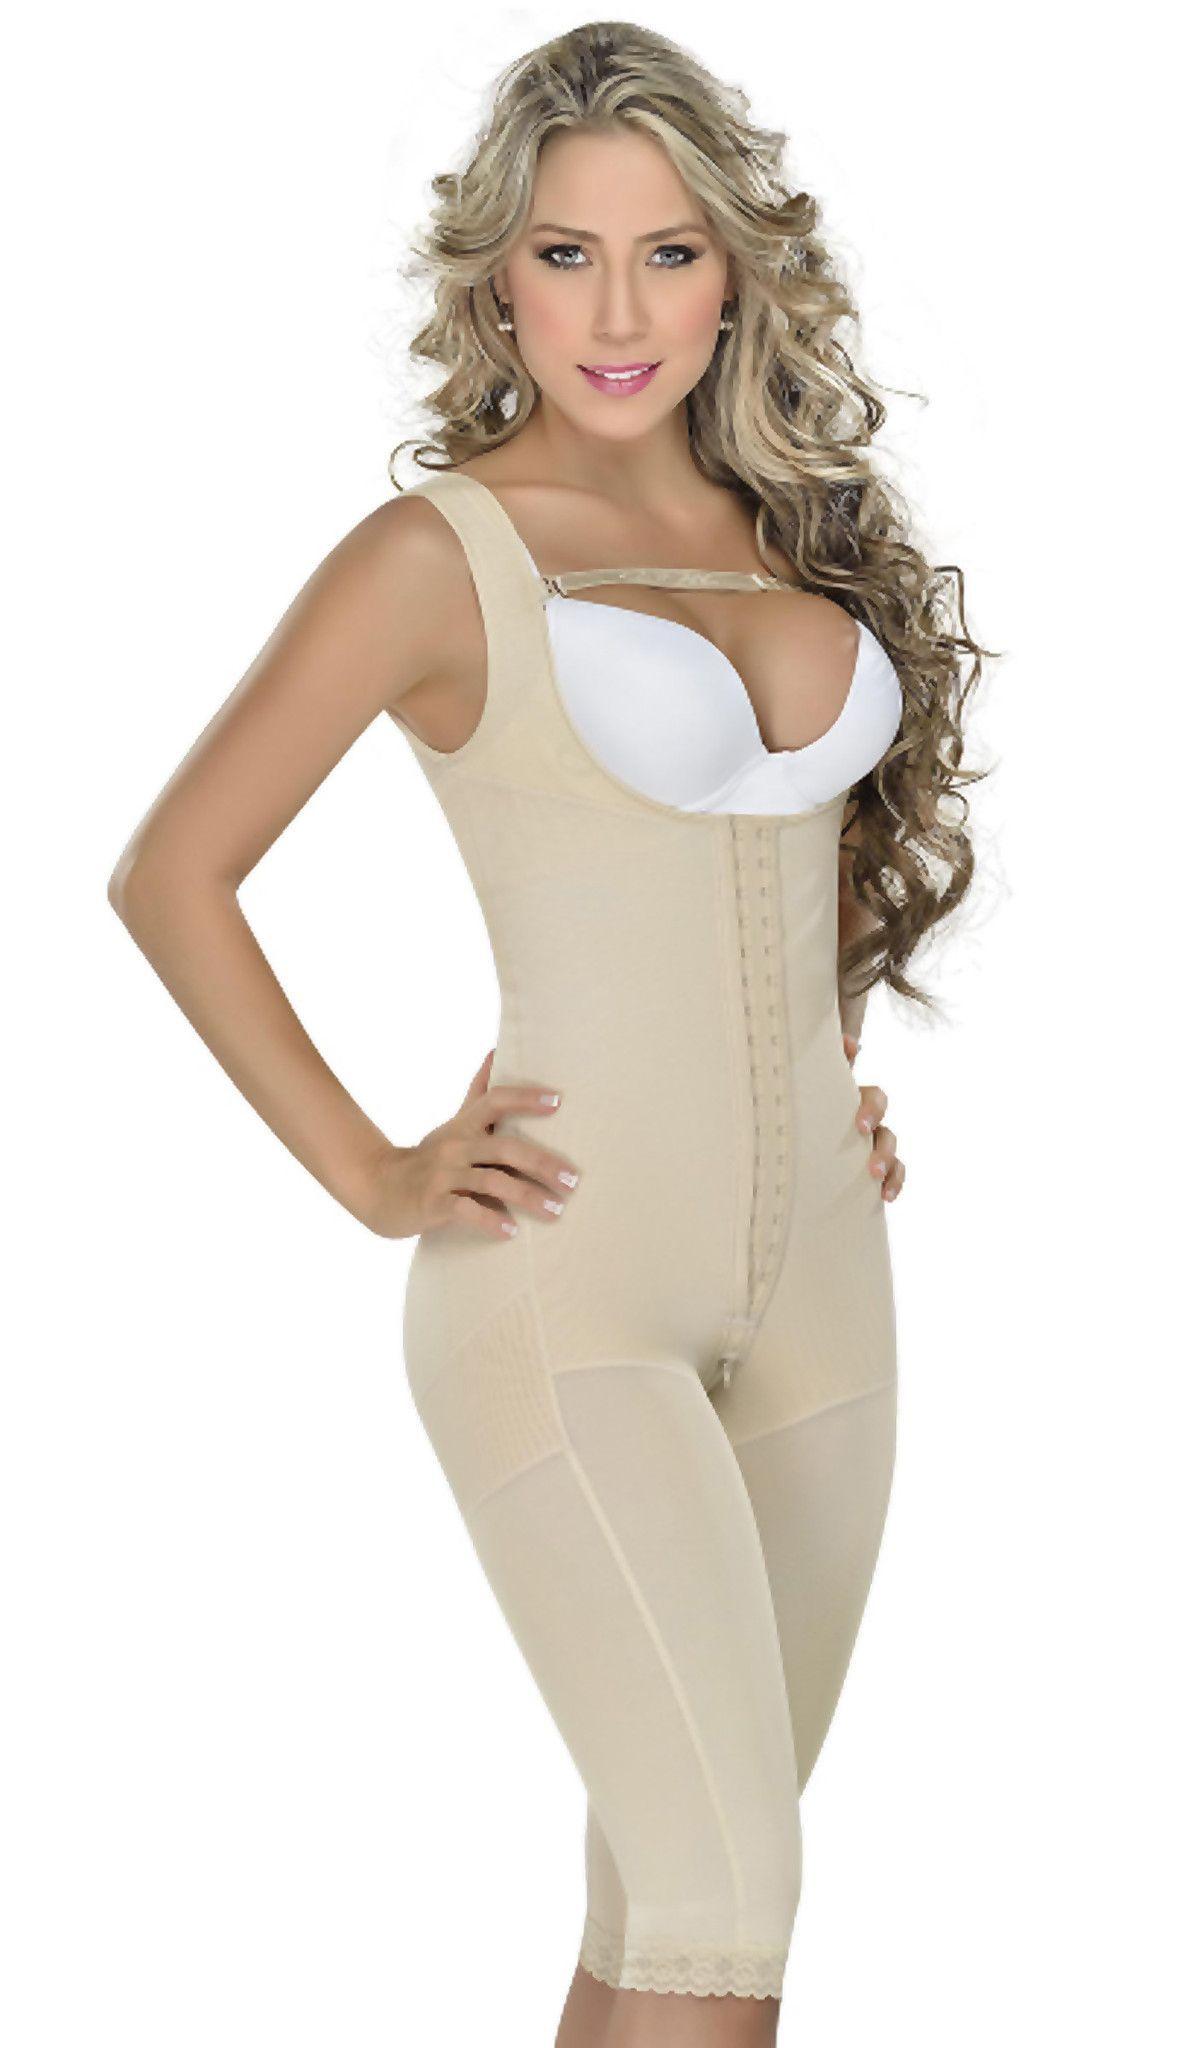 286ebe00da638 Fajas MyD 0075 Abdomen Shaper Bodysuit Faja Reductora